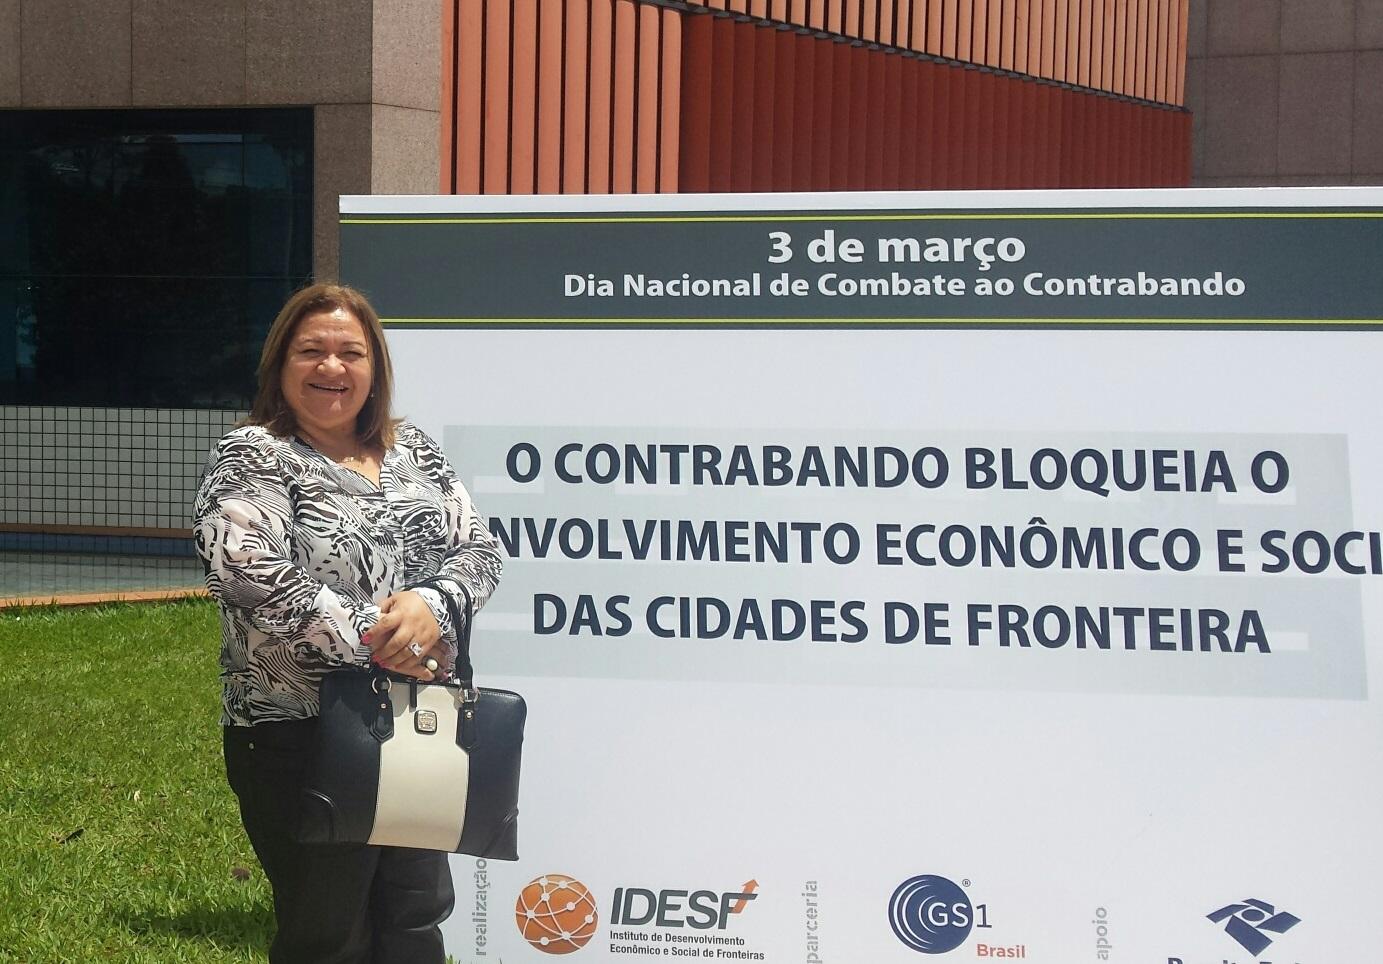 D NAC DO CONTRABANDO 1